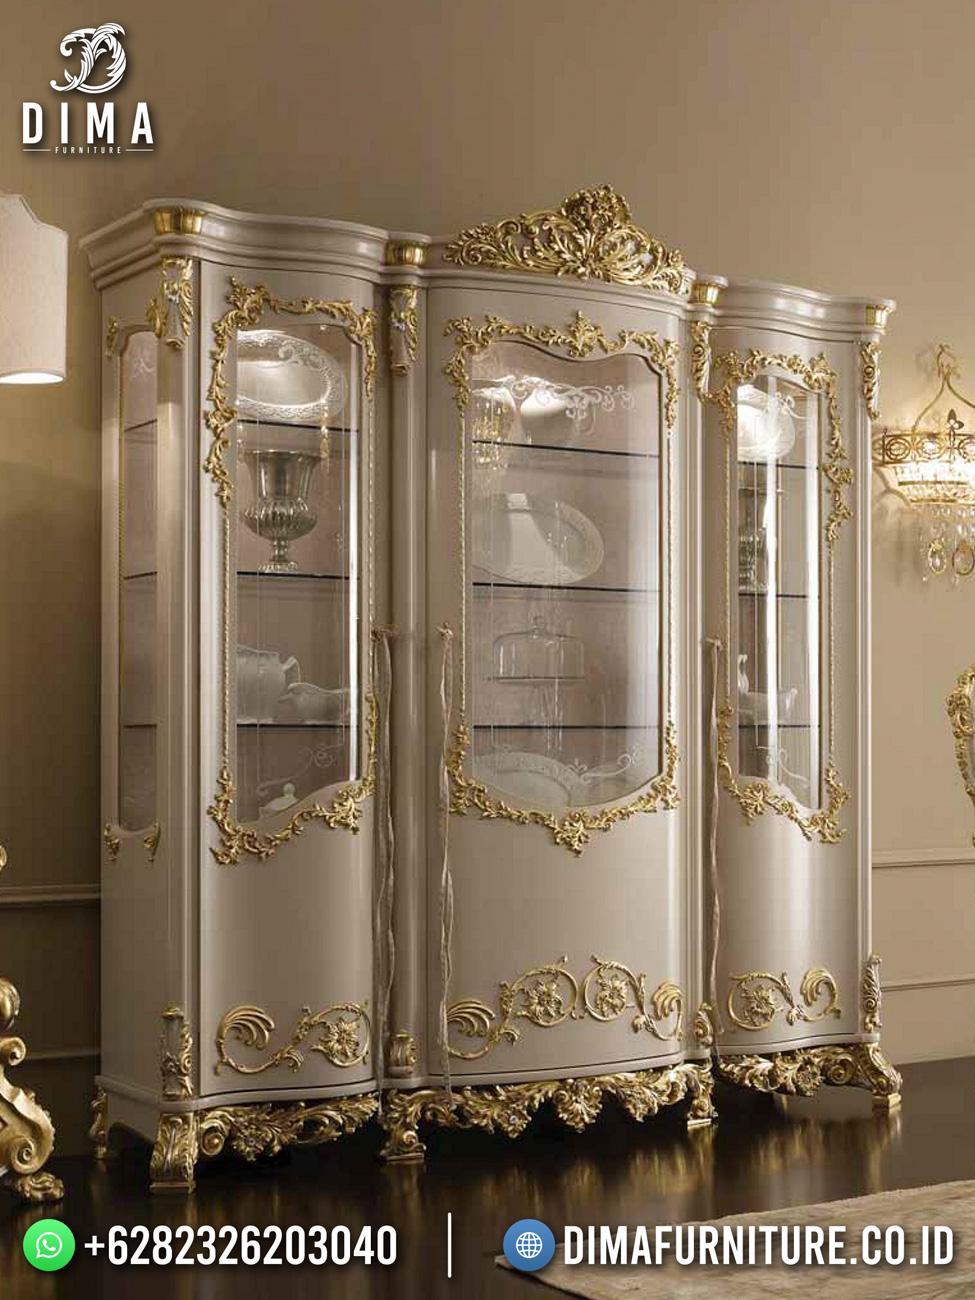 New Lemari Hias Mewah Putih Luxury Carving Jepara TTJ-1724